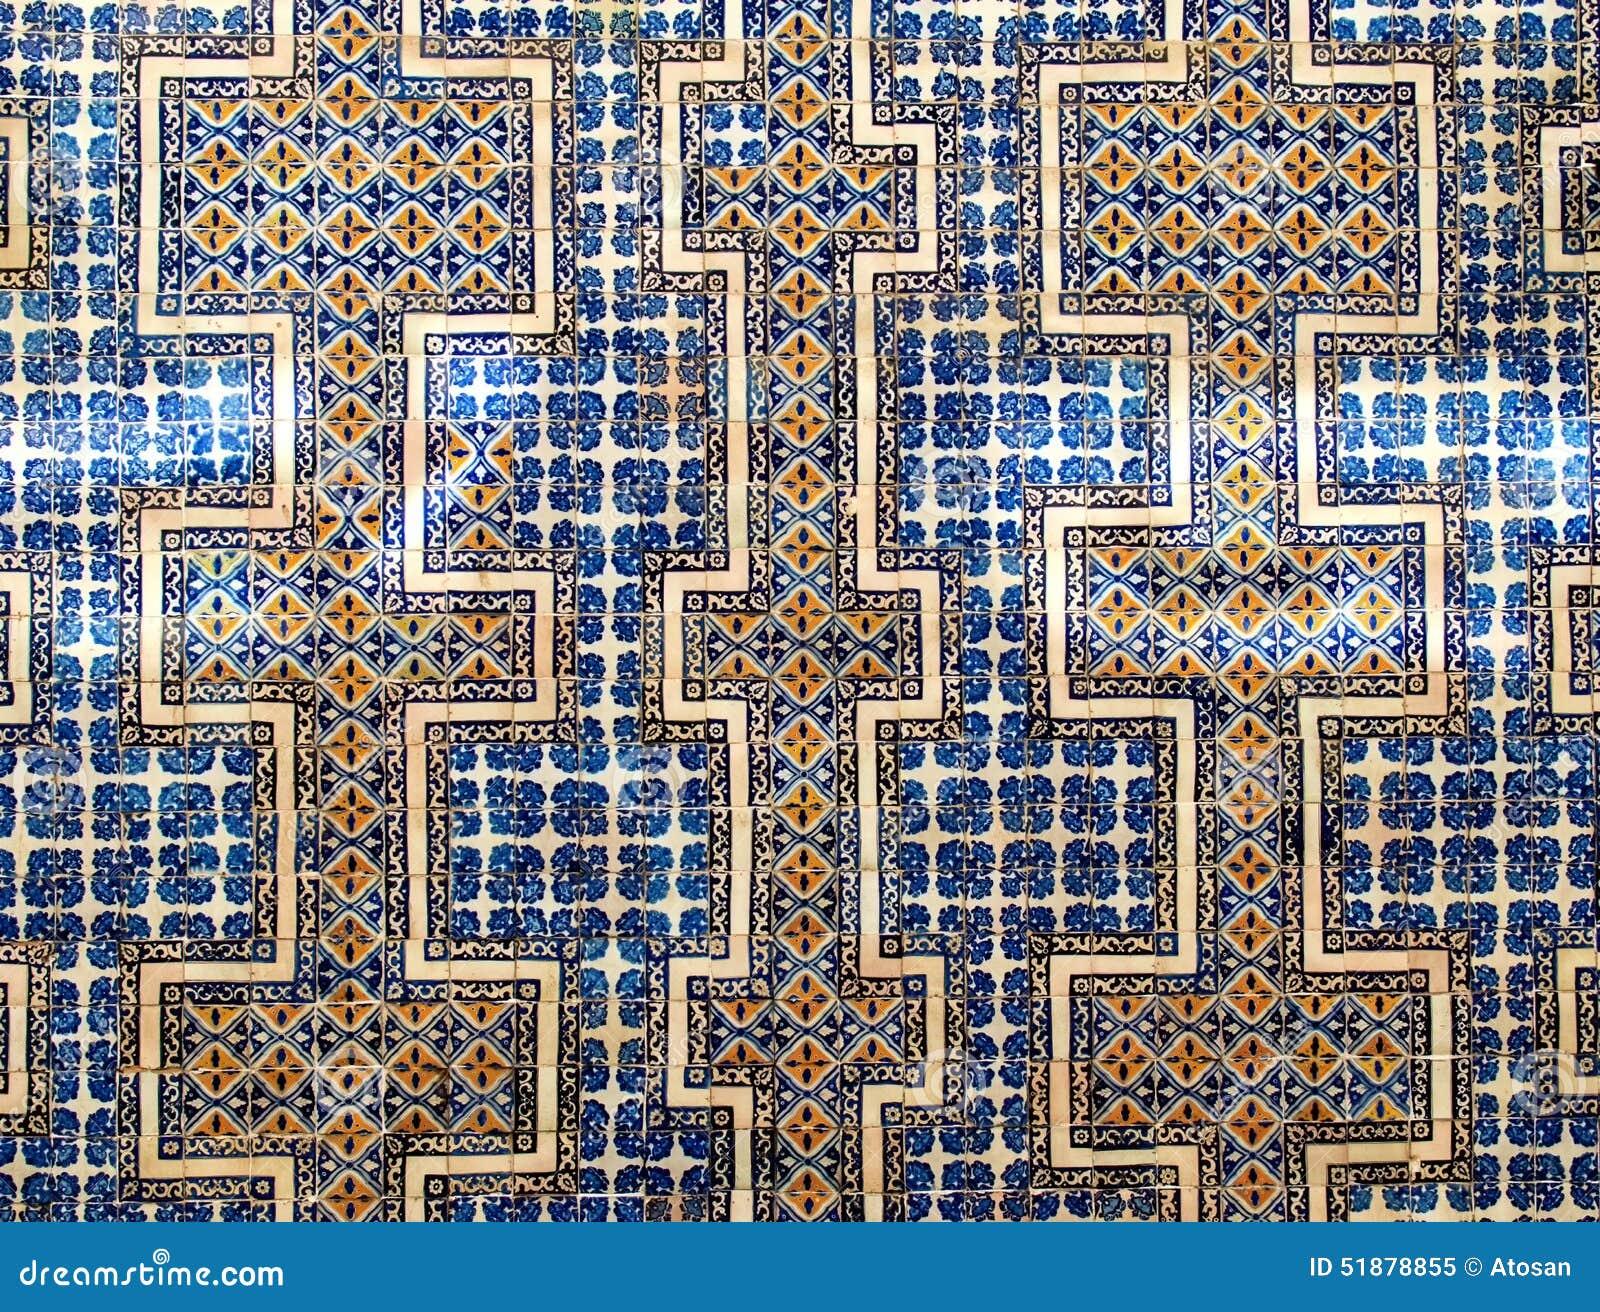 The casa de los azulejos wall stock photo image 51878855 for Azulejo de talavera mexico